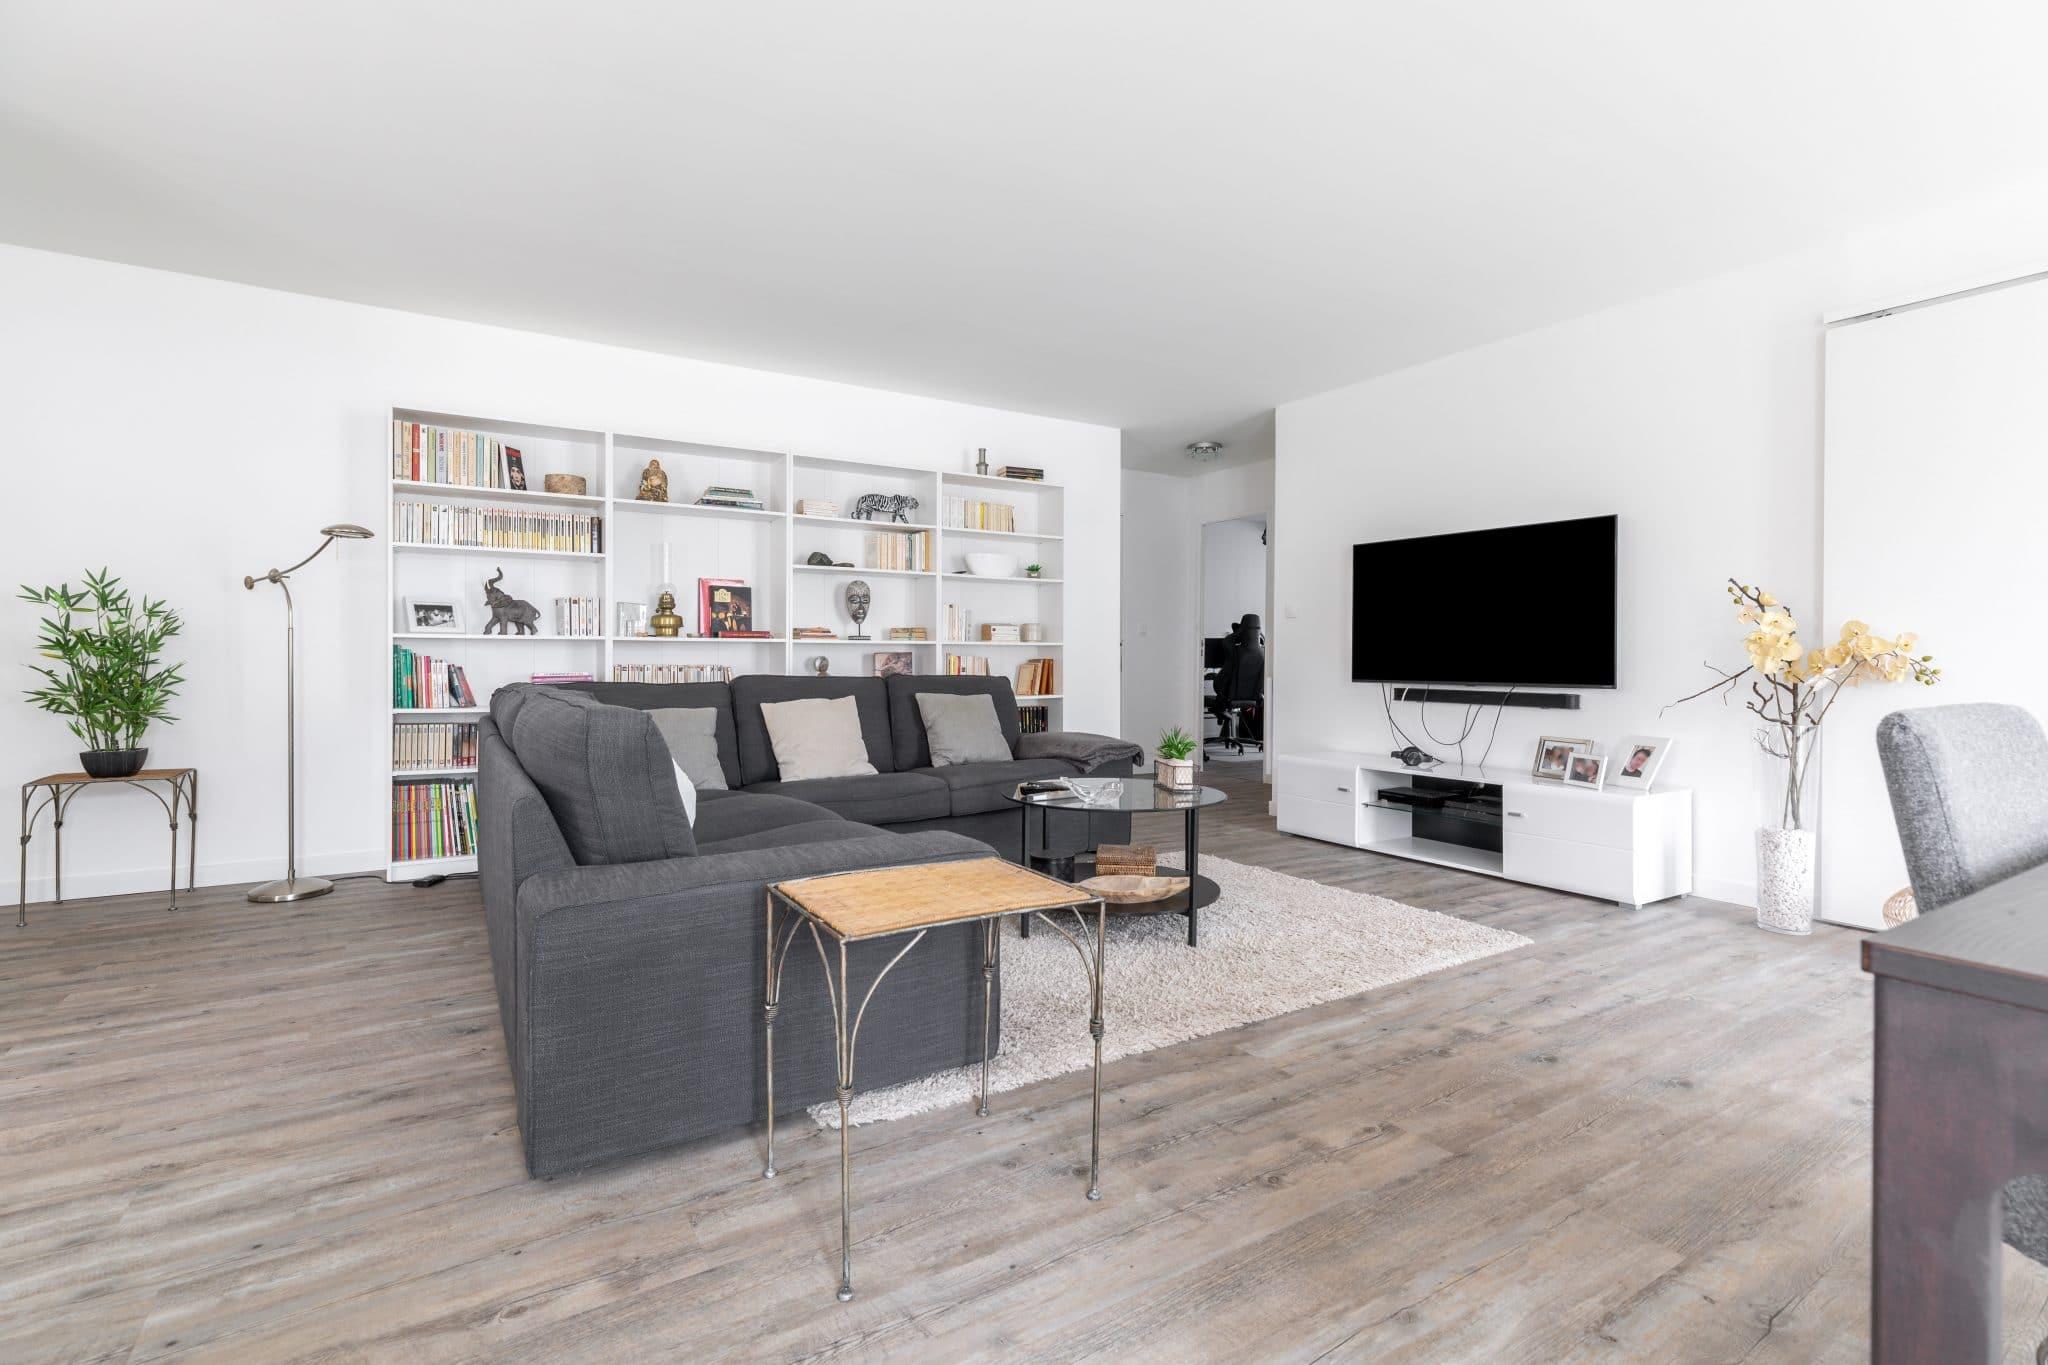 Rénovation et extension d'une maison individuelle à Pomérols (34)